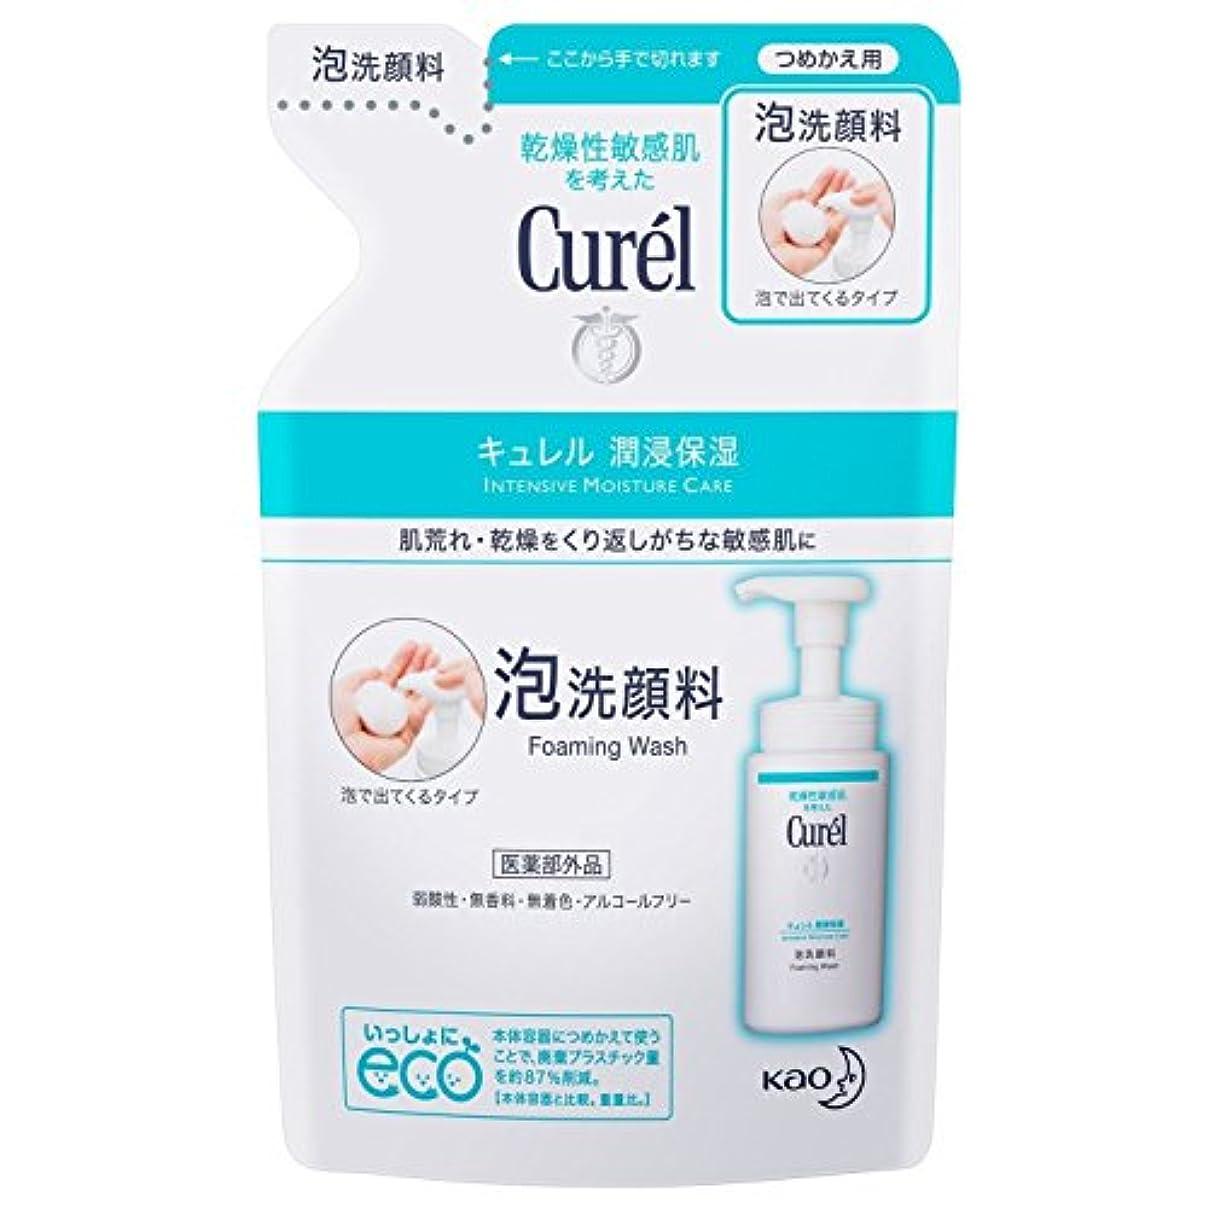 バターパイプライン略す【花王】Curel(キュレル) 泡洗顔料 つめかえ用 130ml ×5個セット